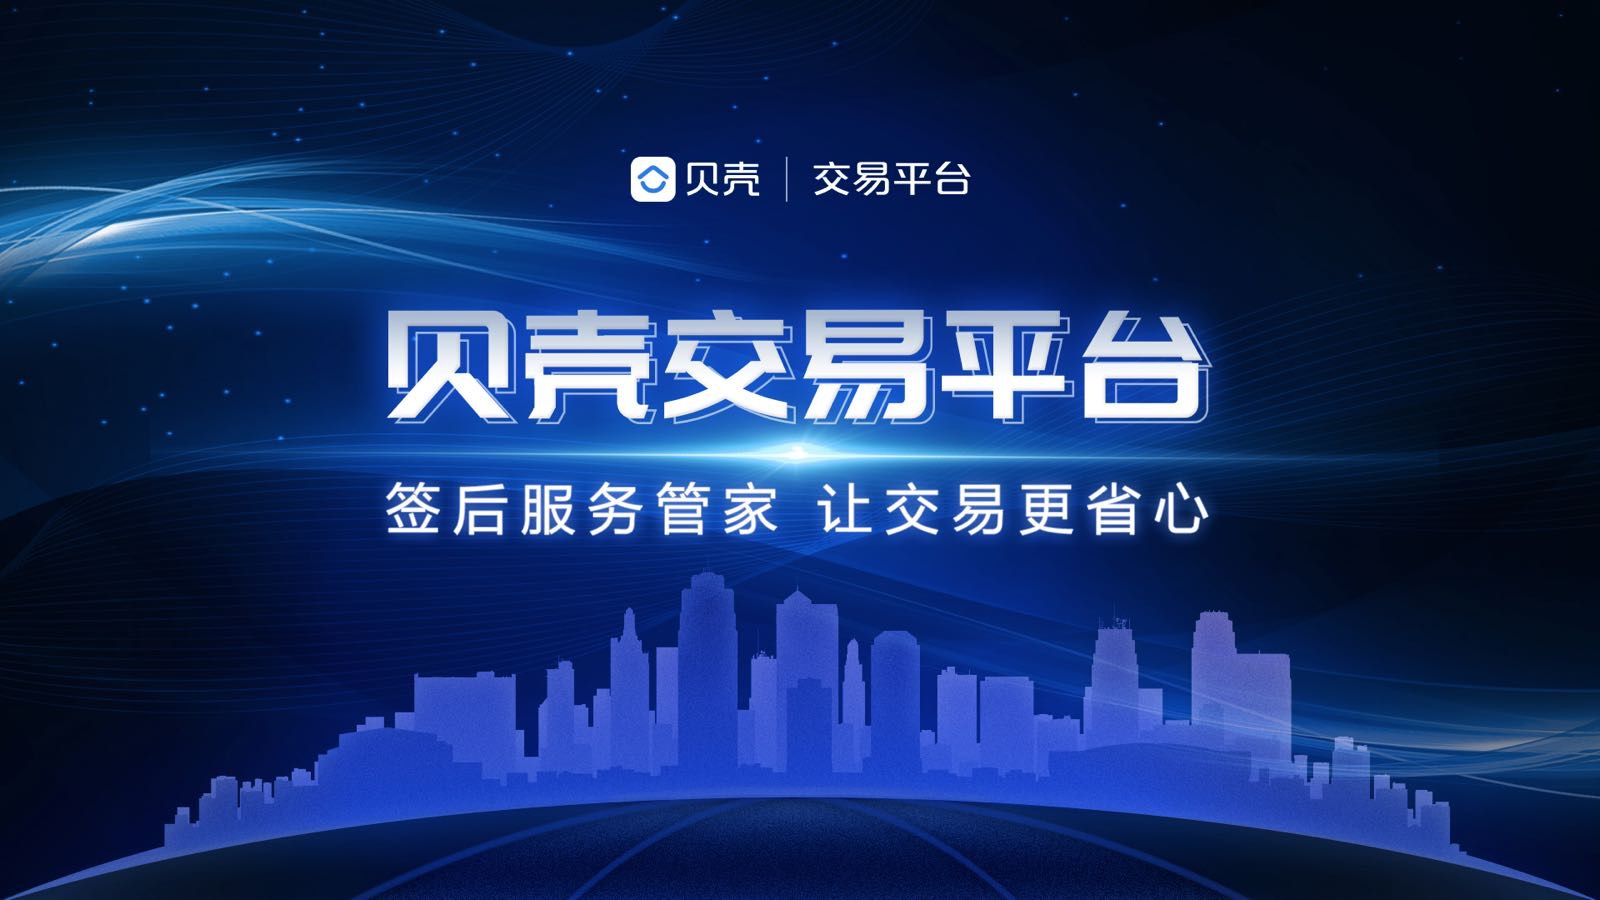 贝壳交易平台赋能全行业 打造二手房交易市场特种兵-中国网地产